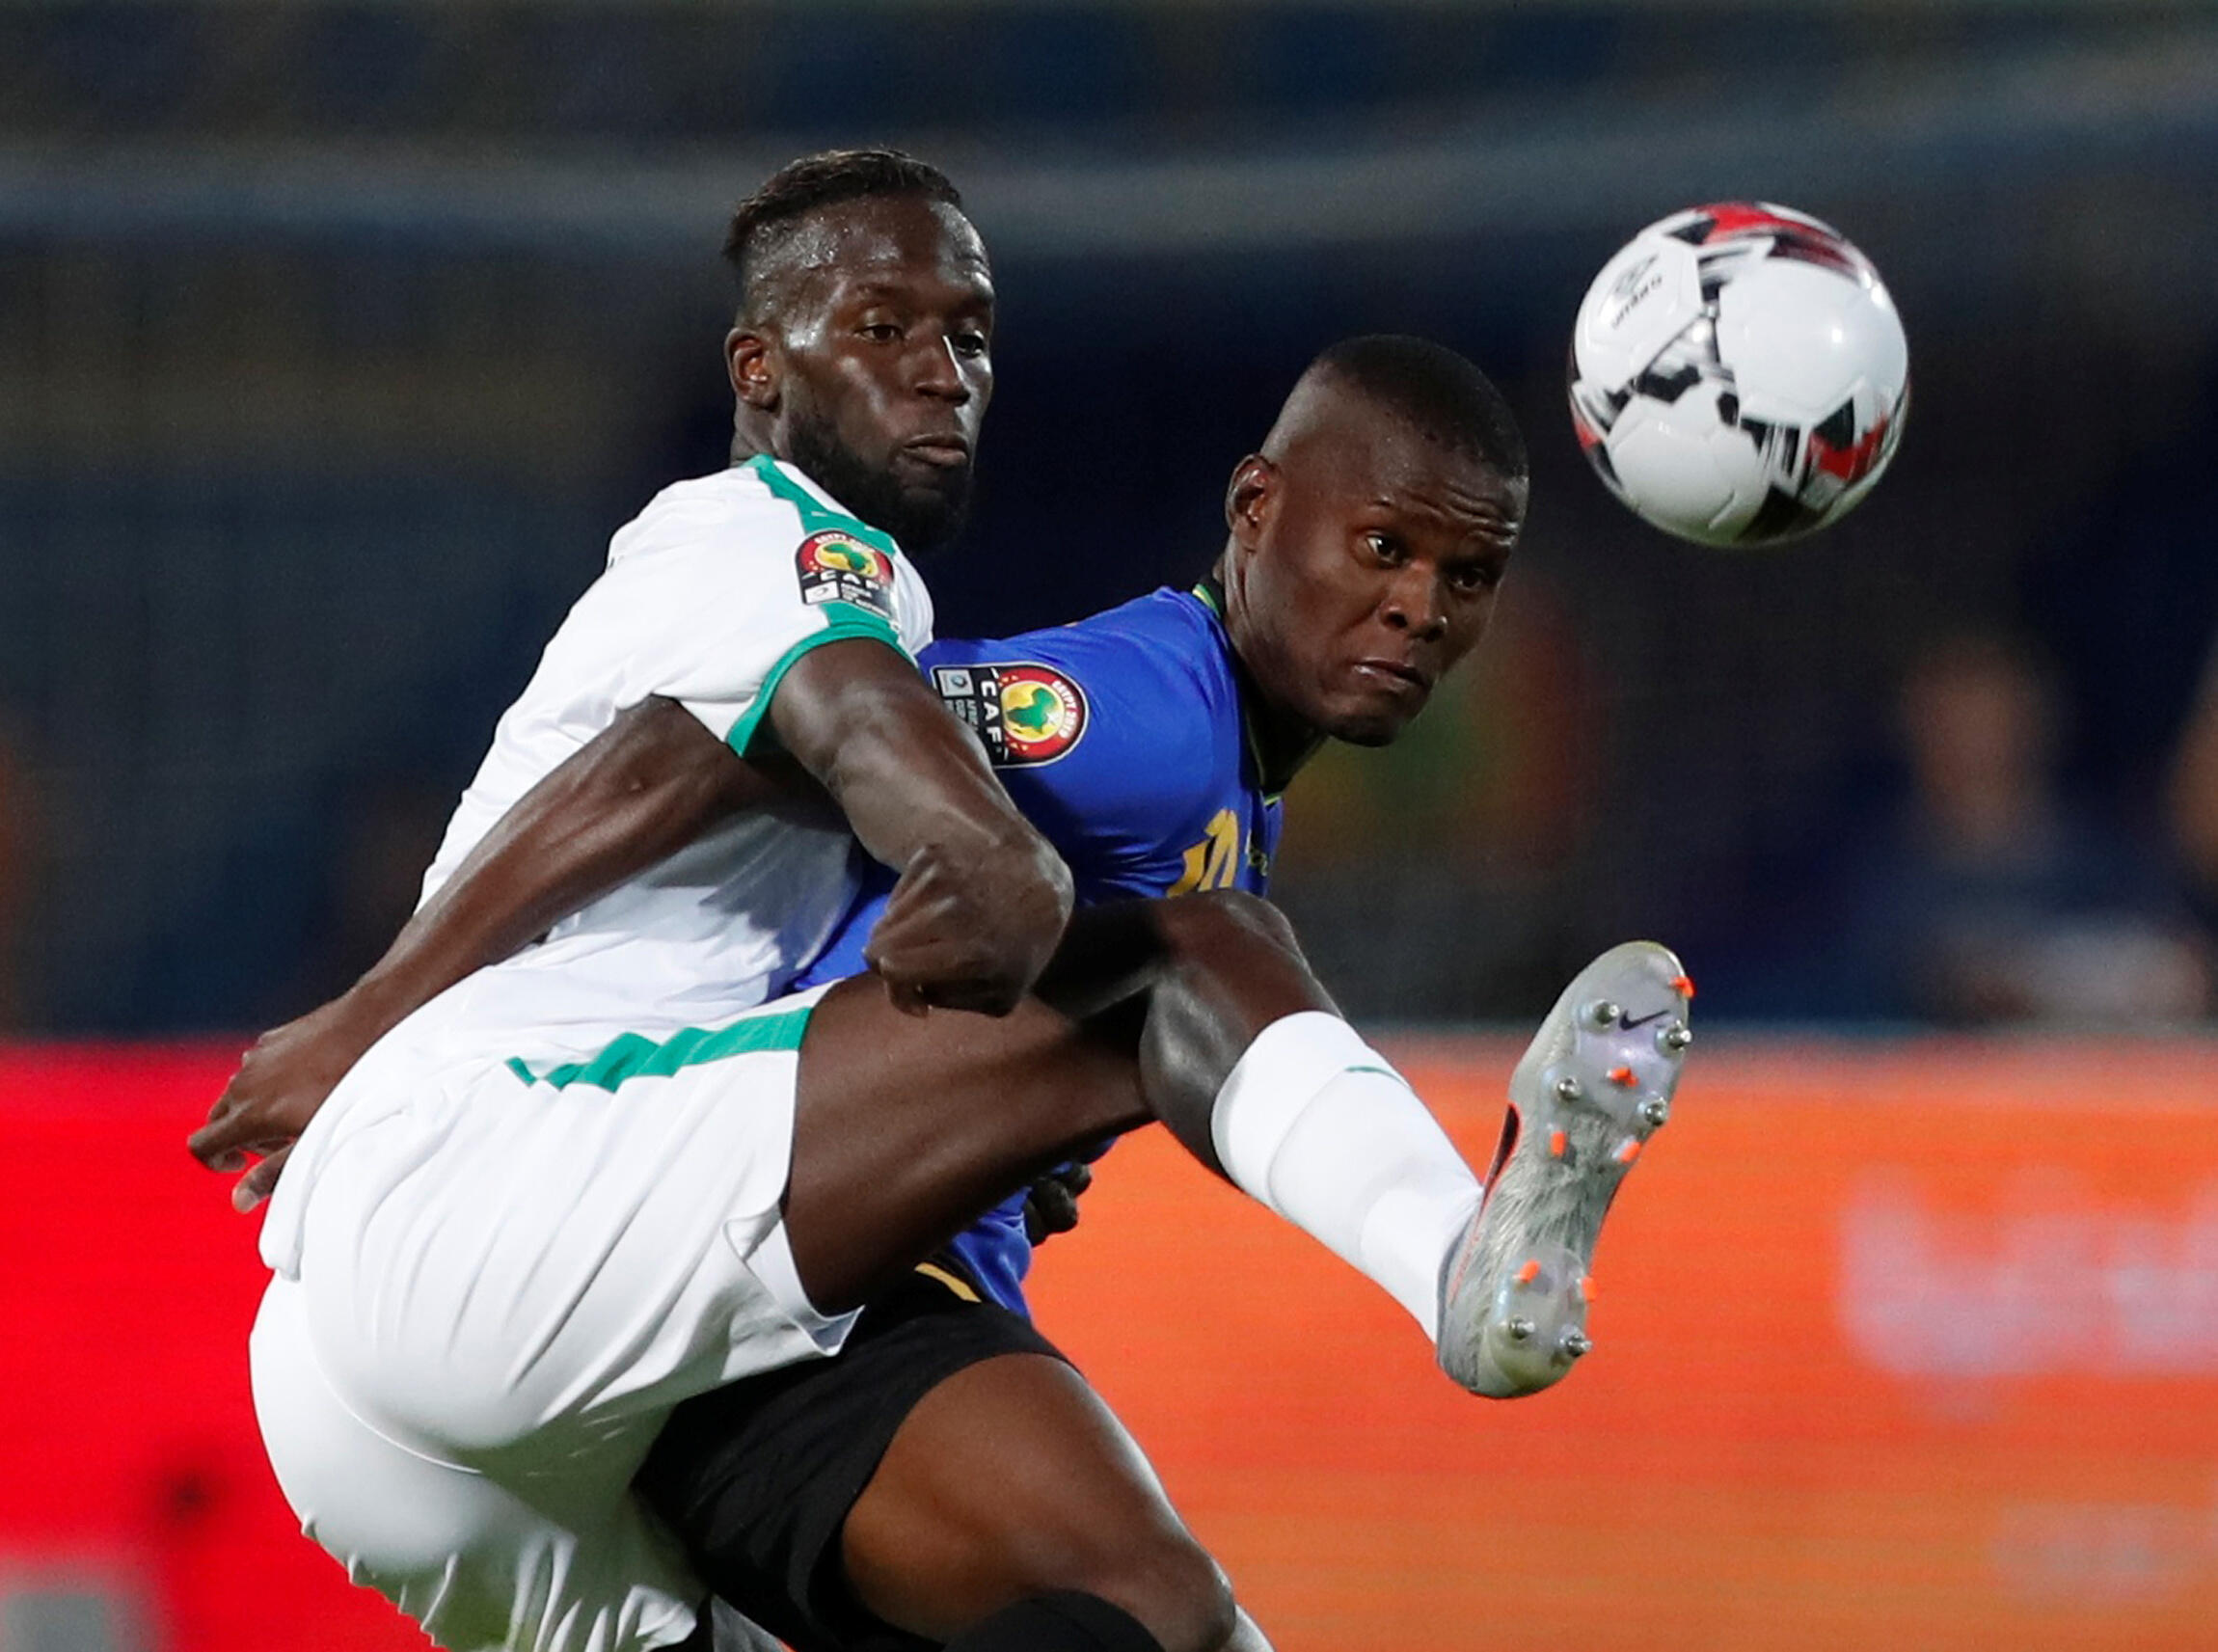 Le Sénégalais Salif Sané à la lutte avec le Tanzanien Mbwana Samatta.